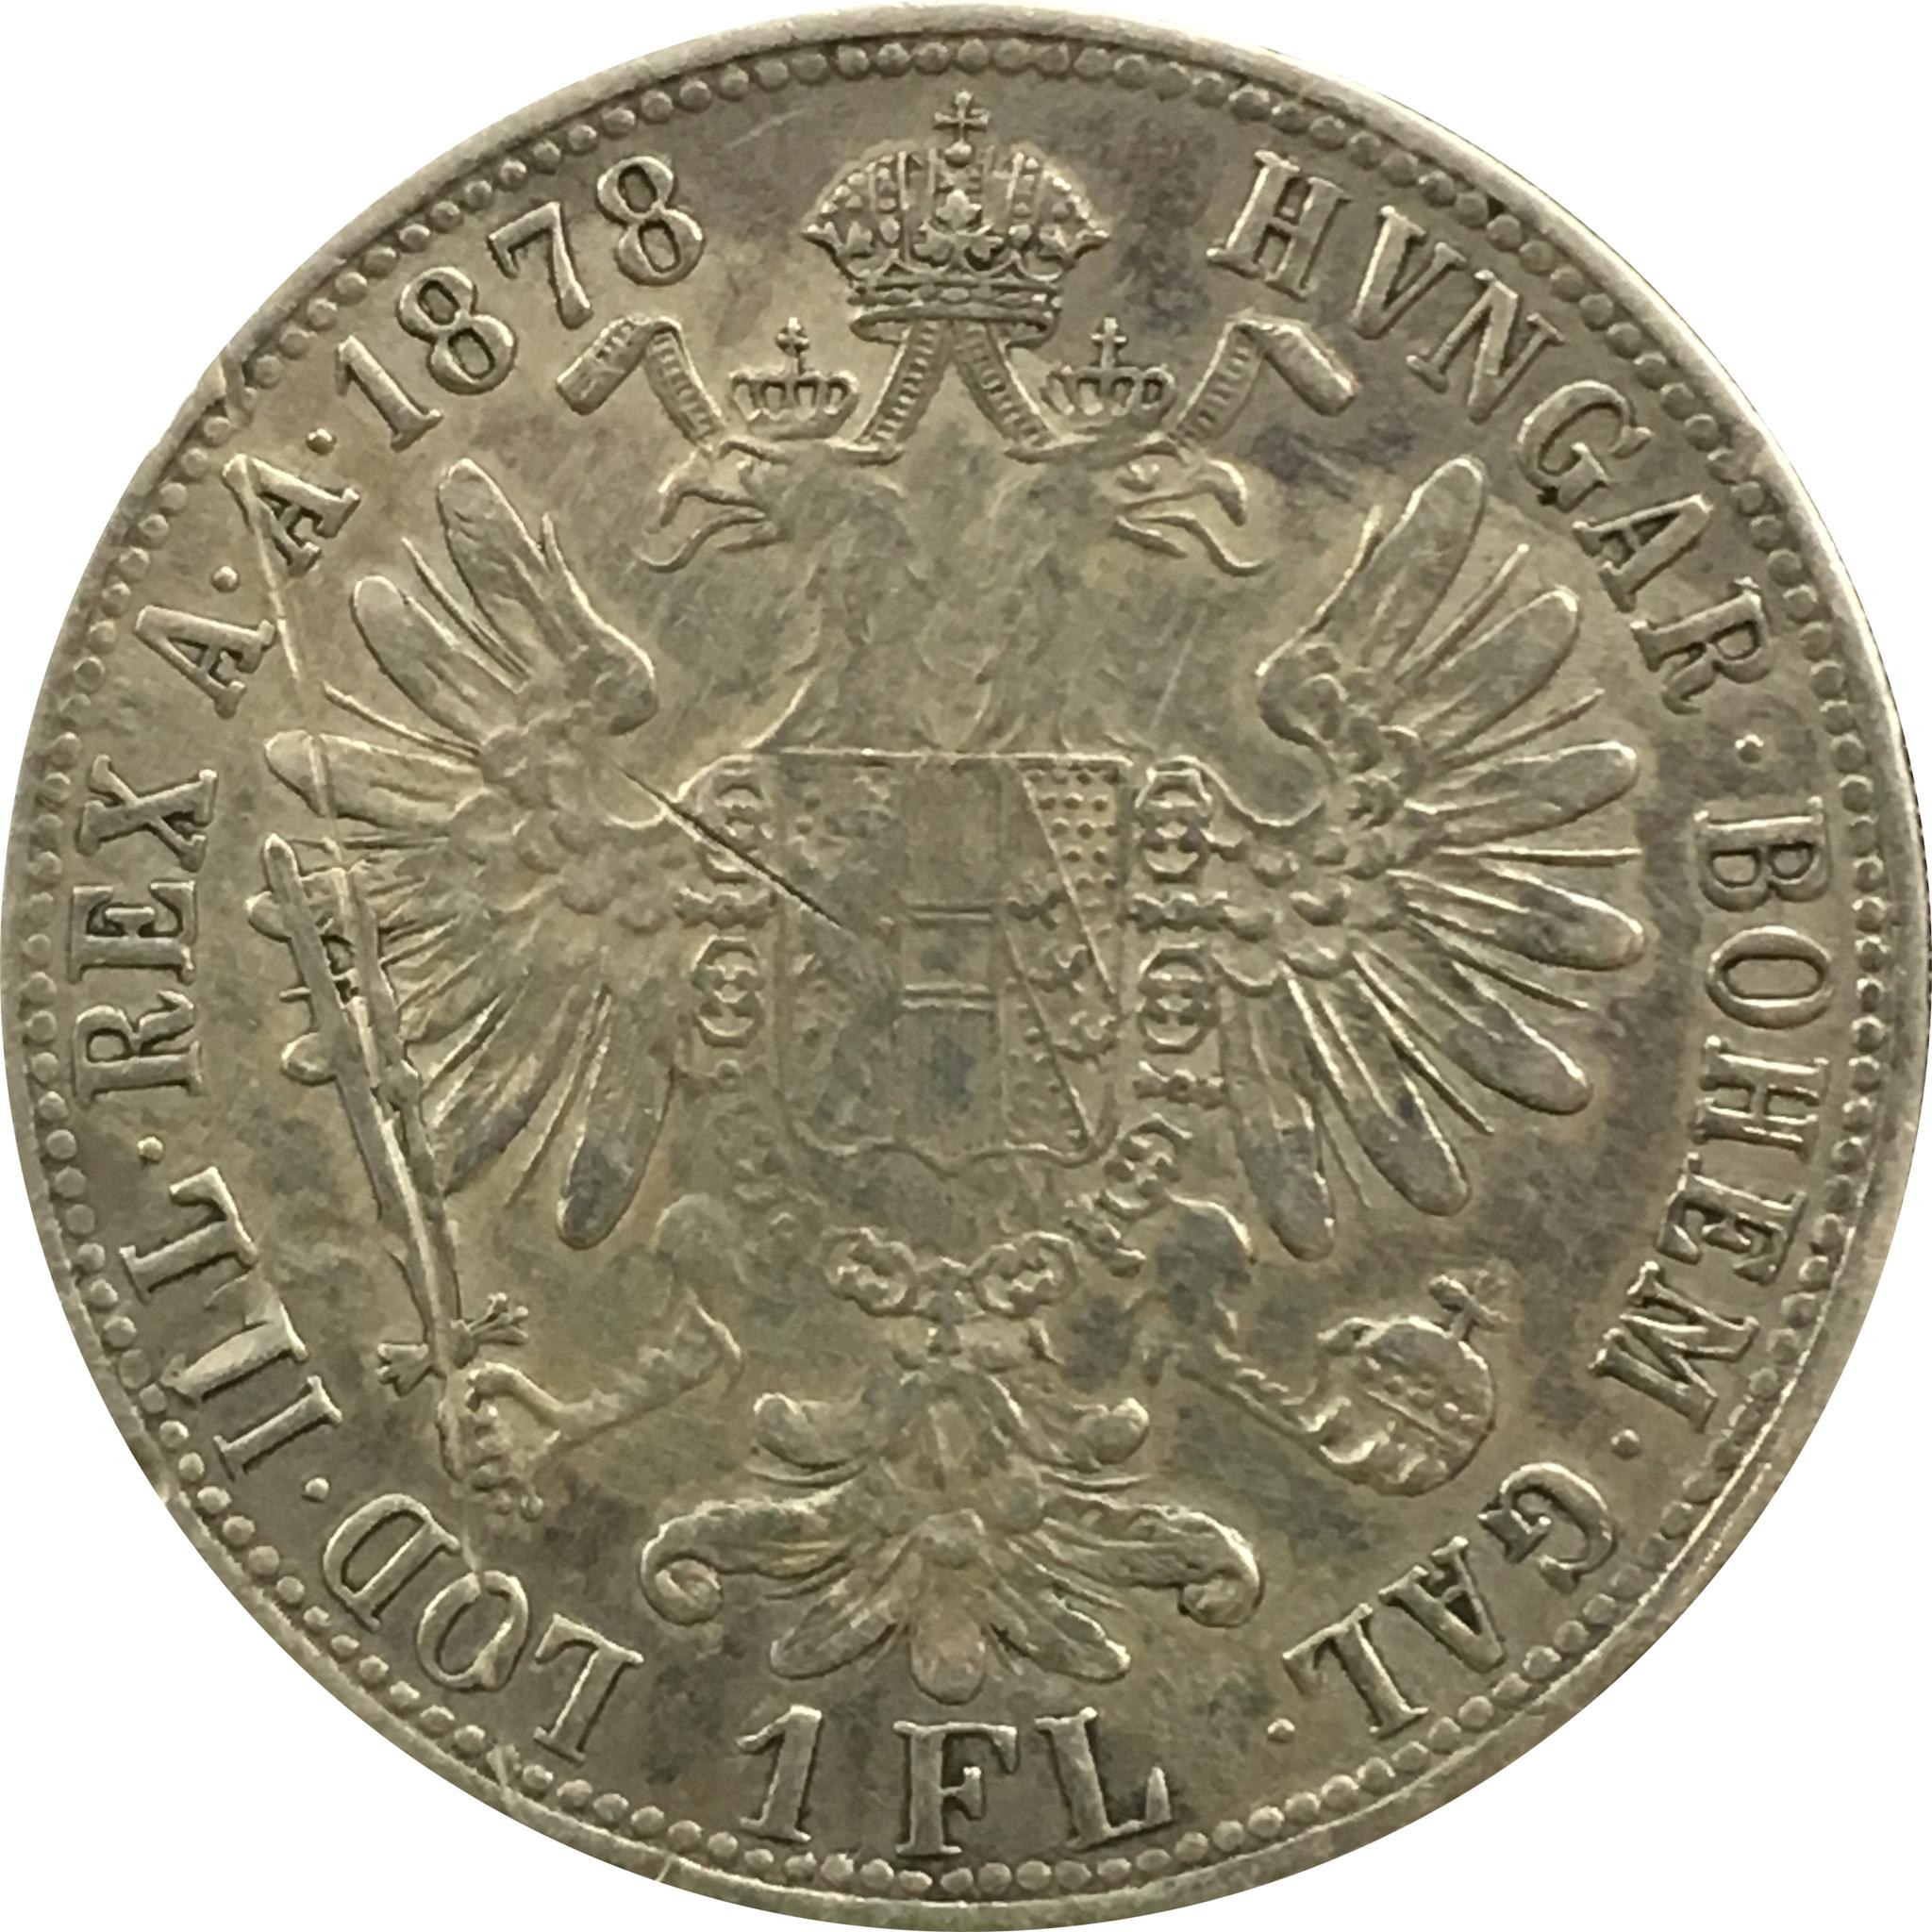 1 флорин 1878 год Австро-Венгрия